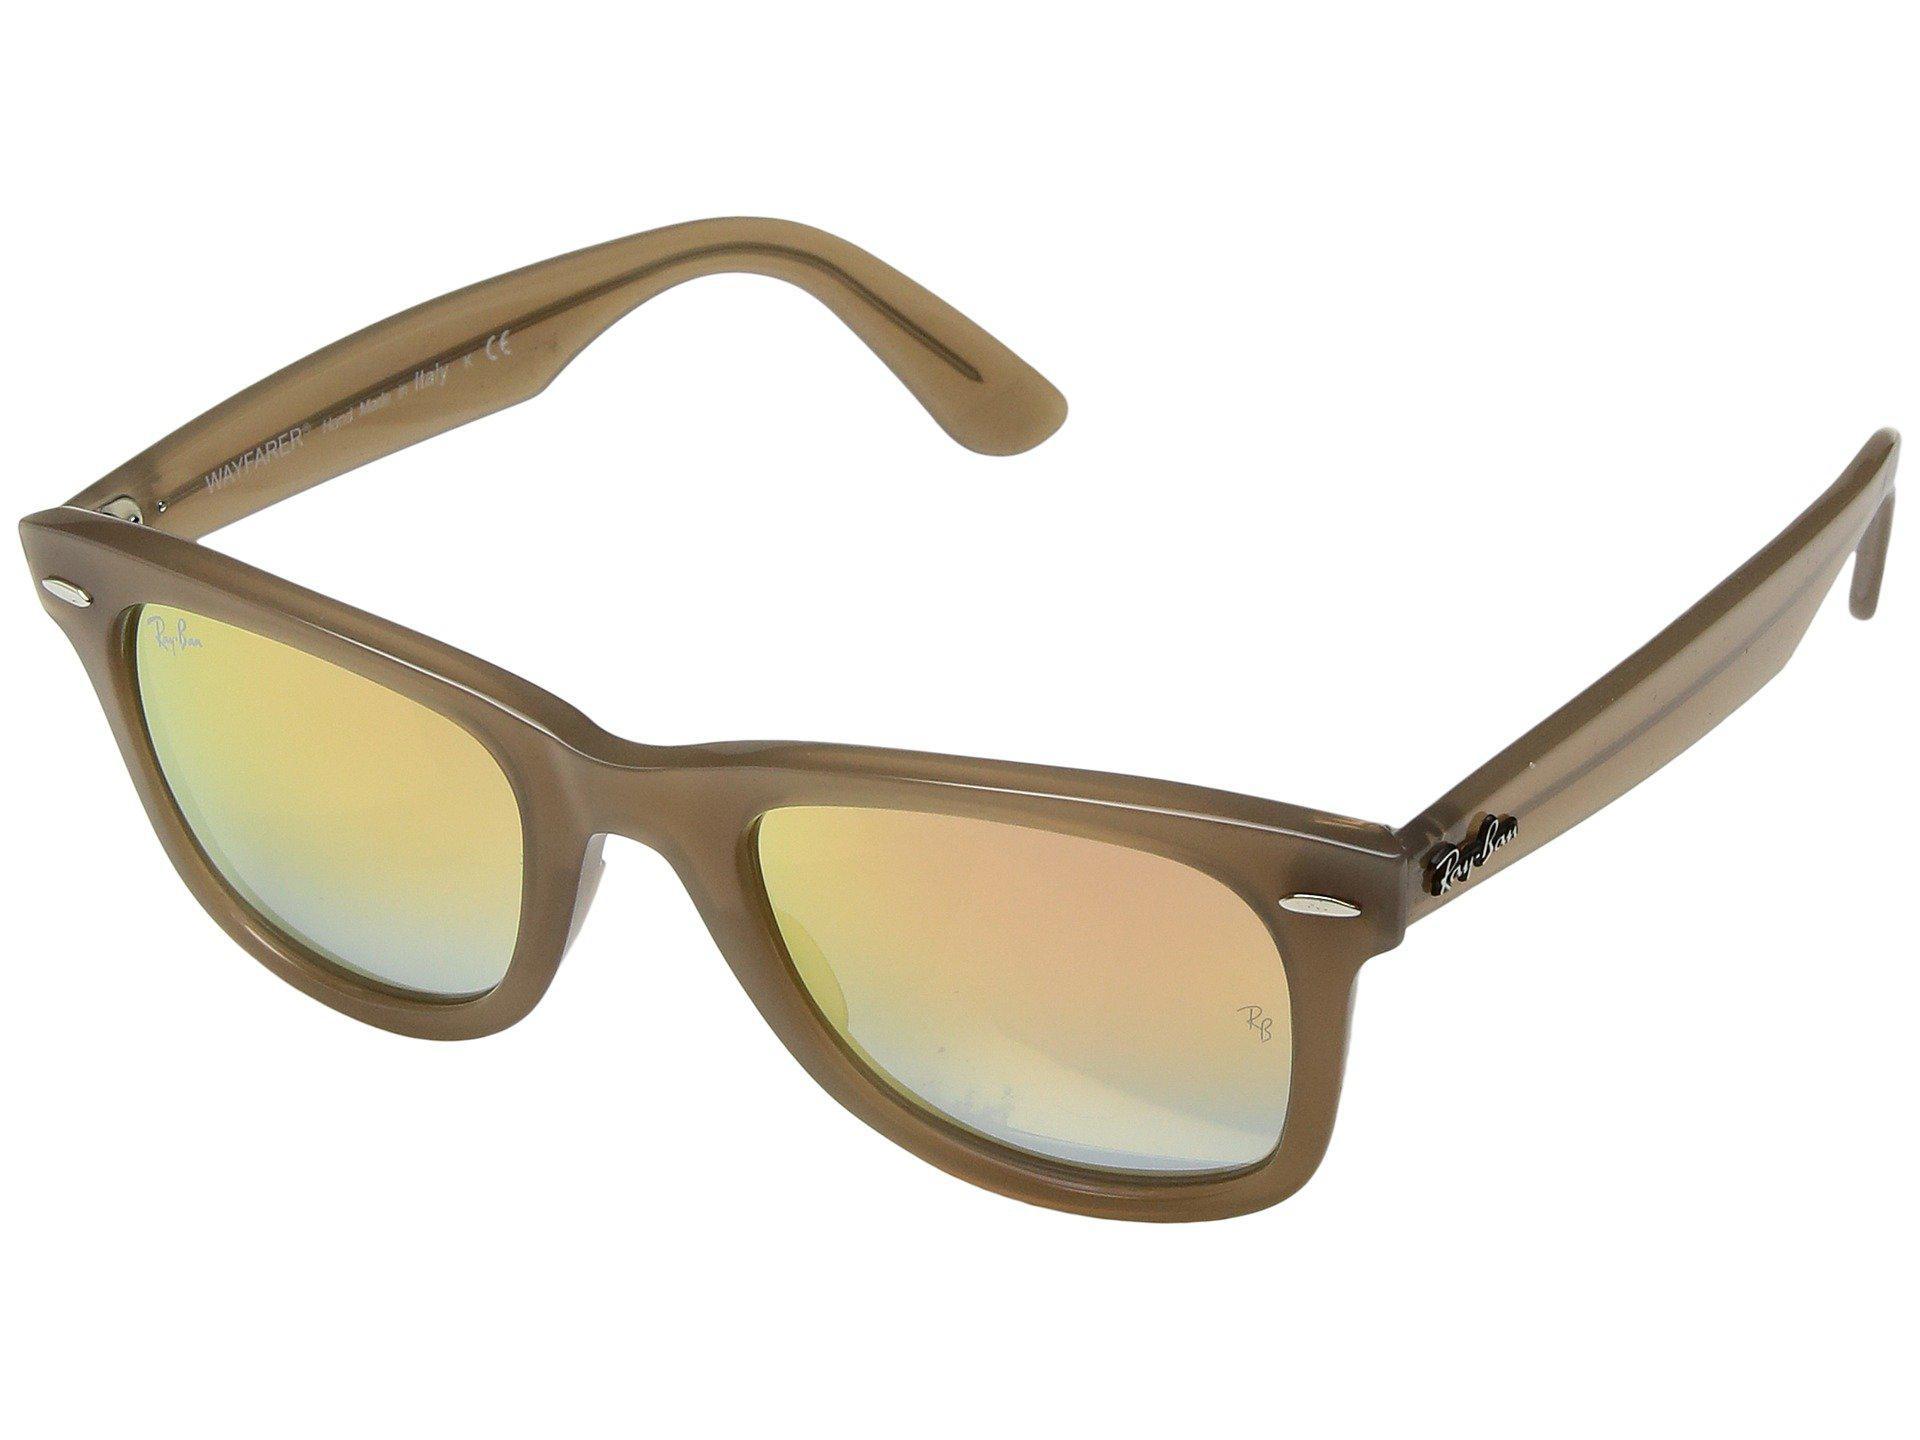 5e813571e98 ... sunglasses a7c30 fe18d  get ray ban. mens wayfarer ease c4468 971e2